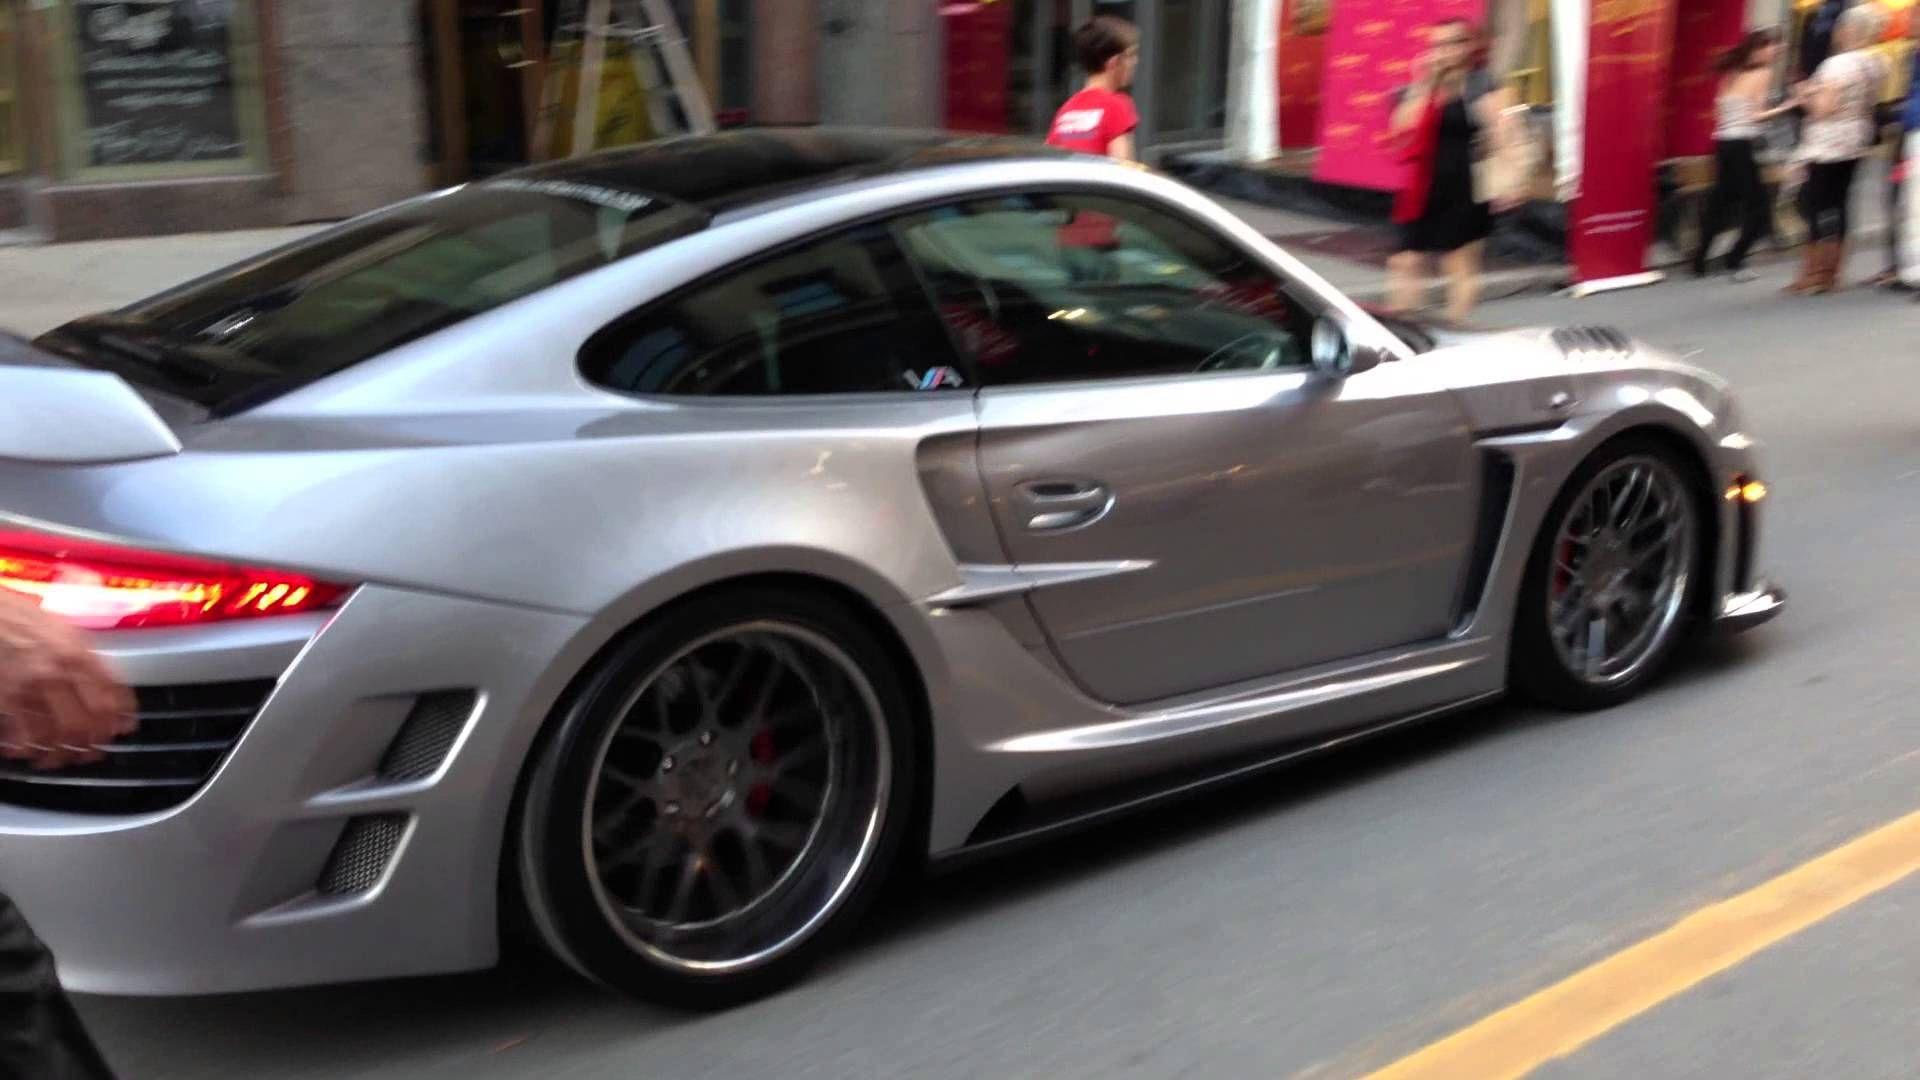 4c555f67297da996405c292f3d73ee1f Stunning Porsche 911 Gt2 Body Kit Cars Trend